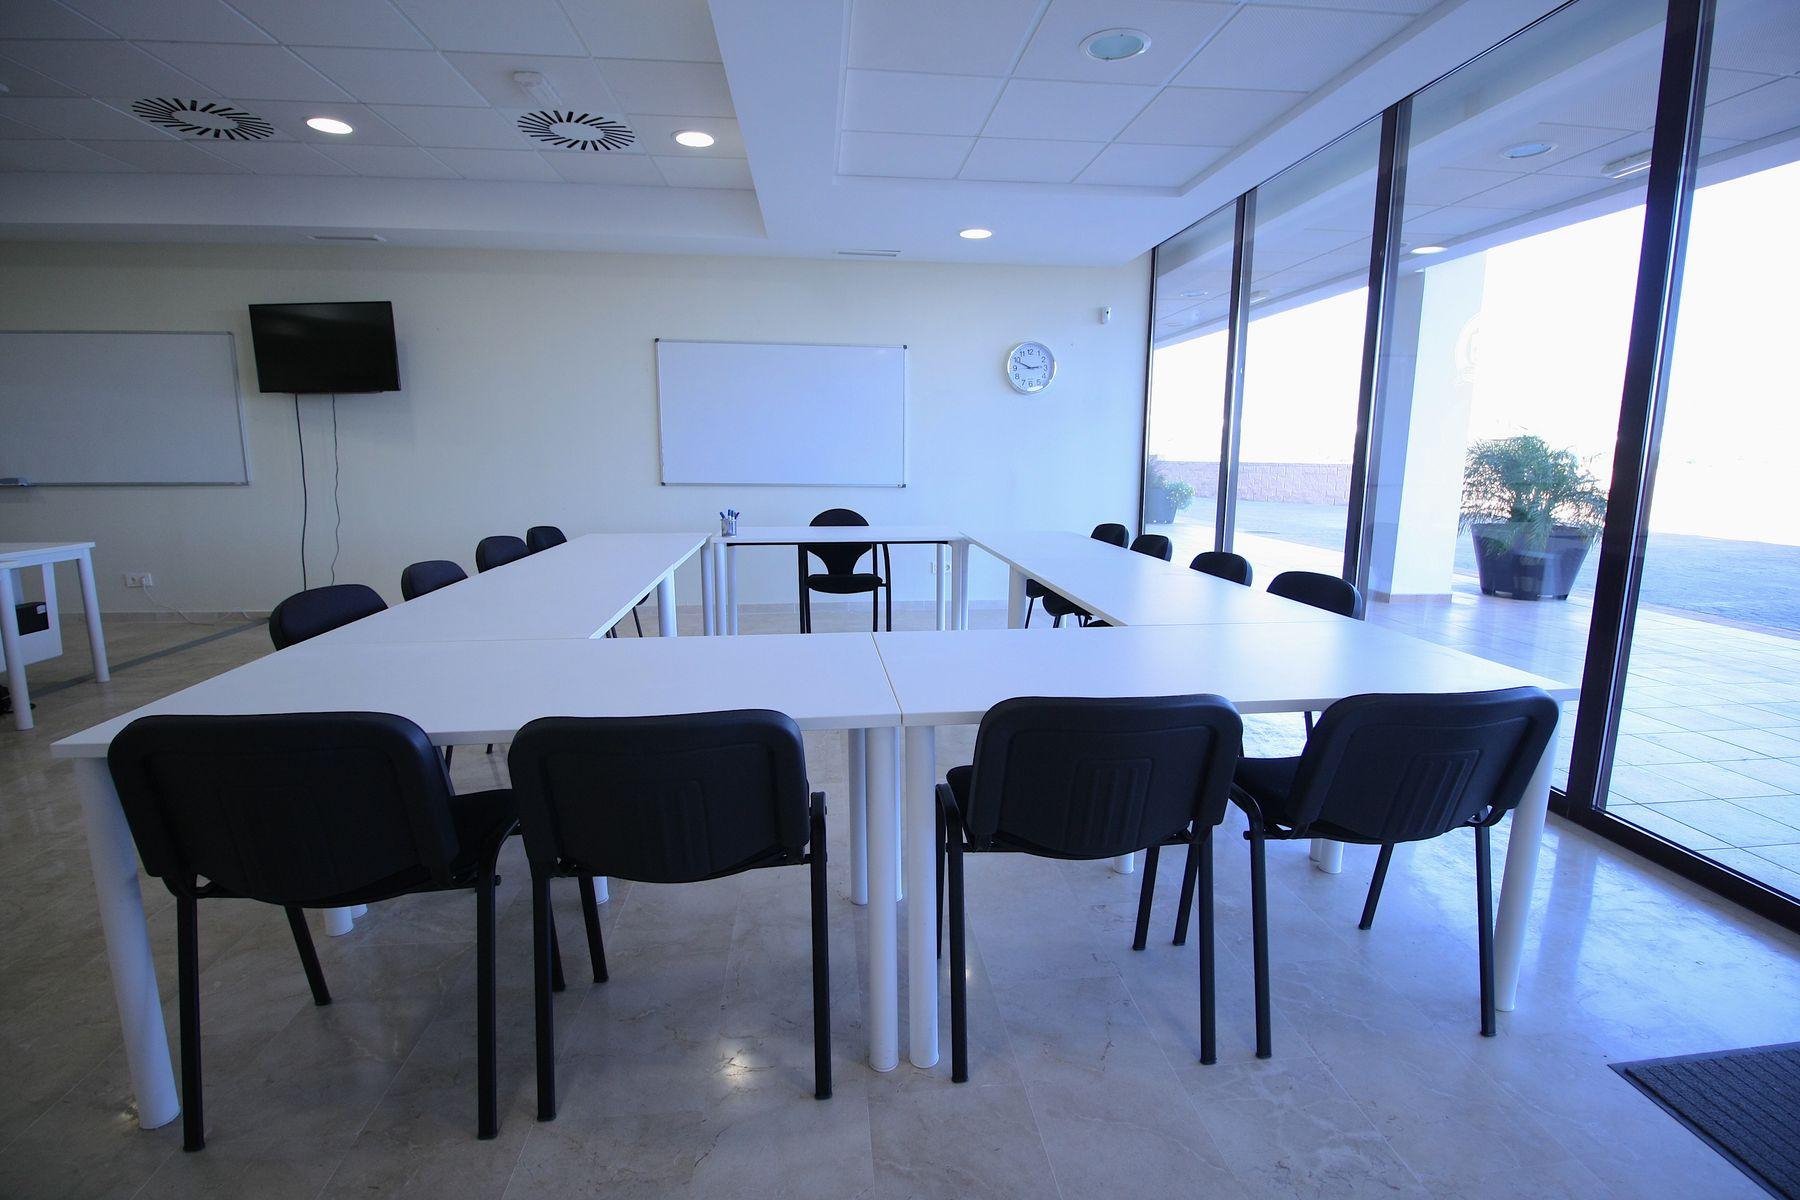 Schellhammer Business School (9)